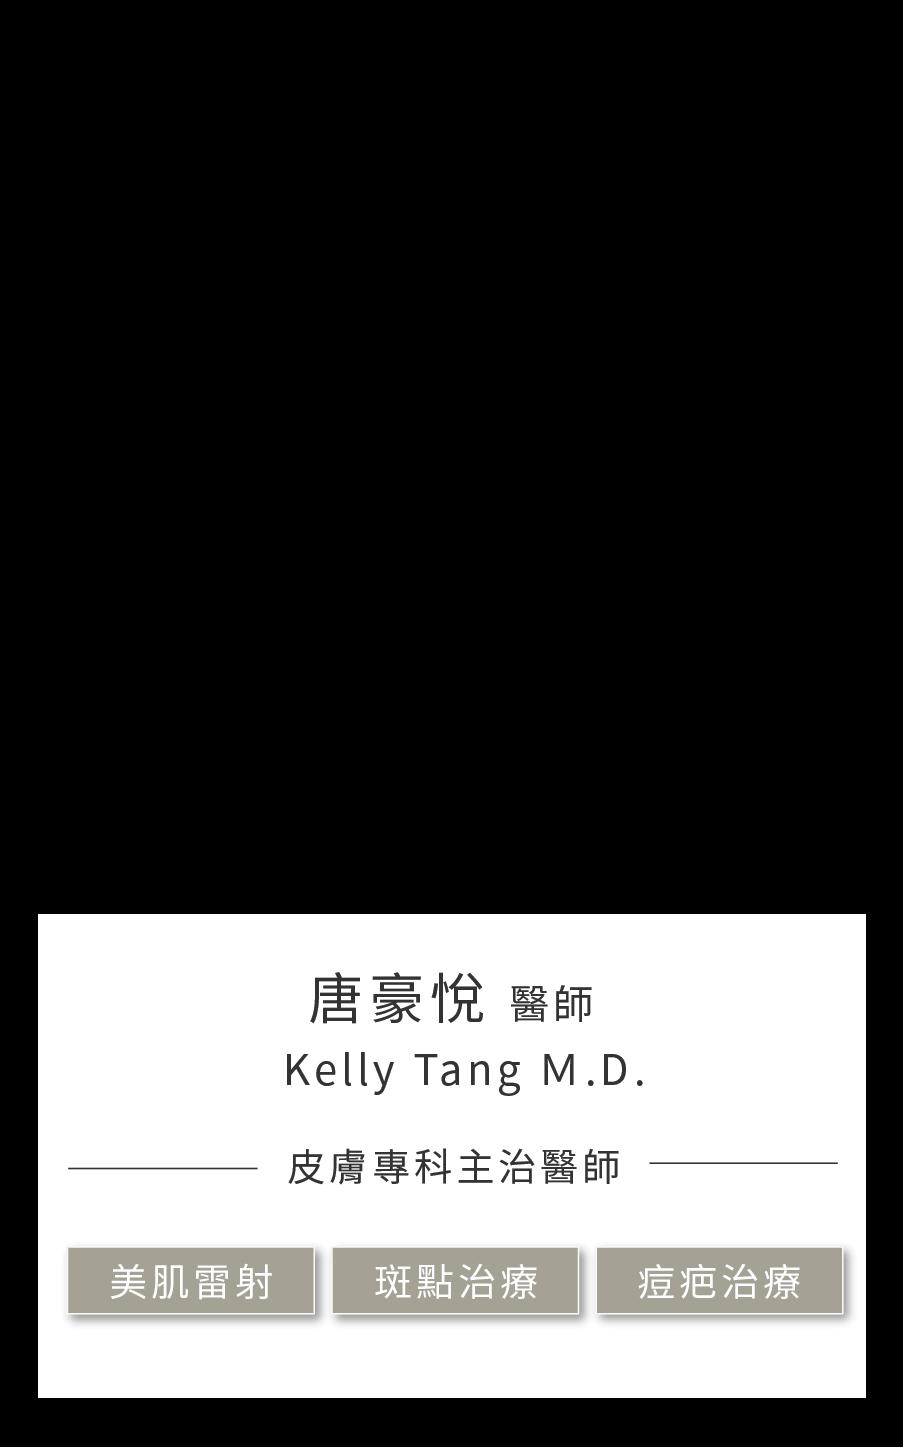 唐豪悅-02